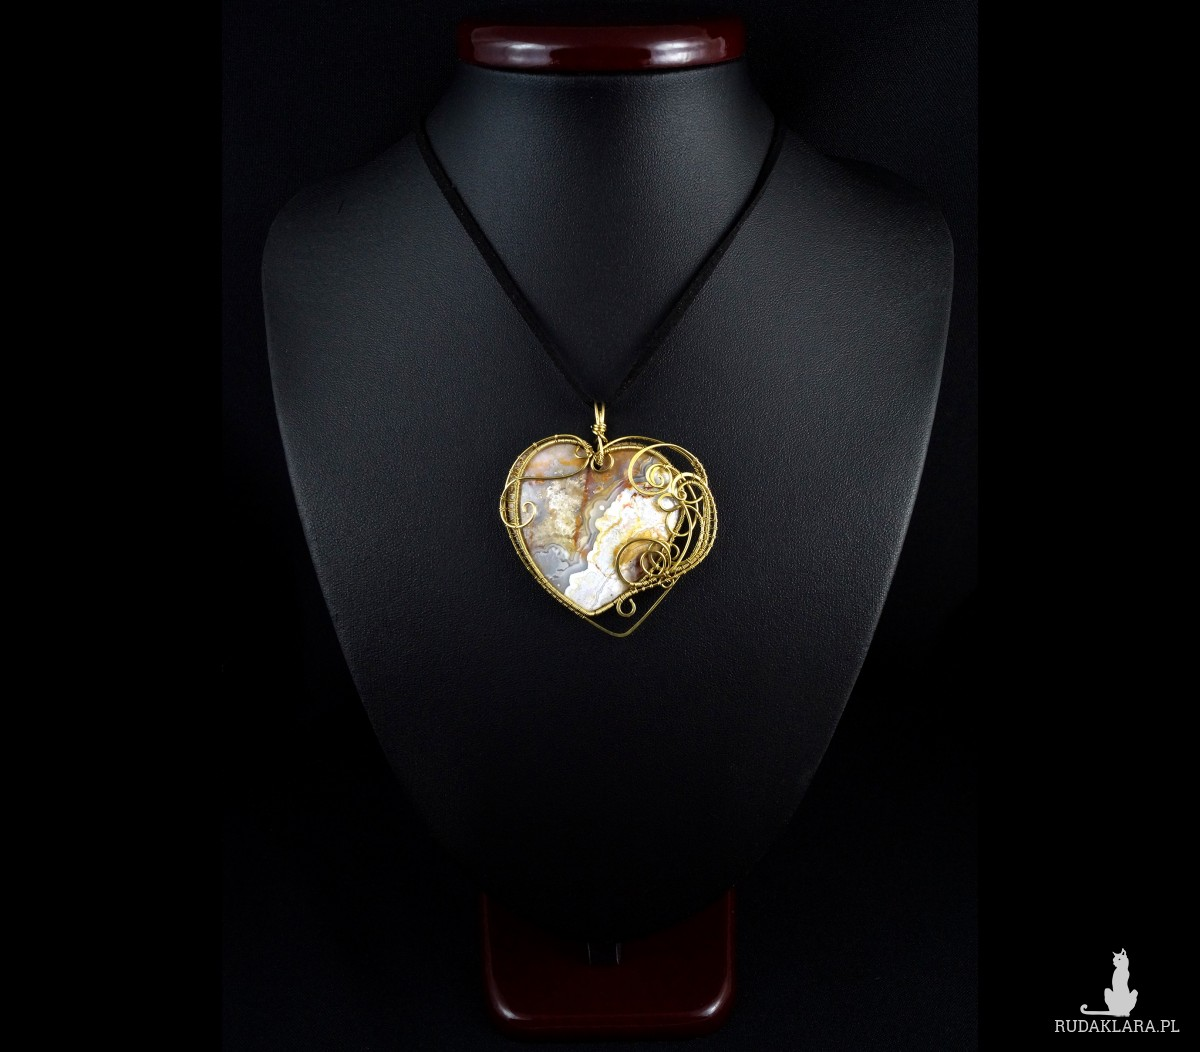 Agat koronkowy, Mosiężny wisior z agatem, ręcznie wykonany, prezent dla niej, prezent dla mamy, prezent urodzinowy, niepowtarzalna biżuteria